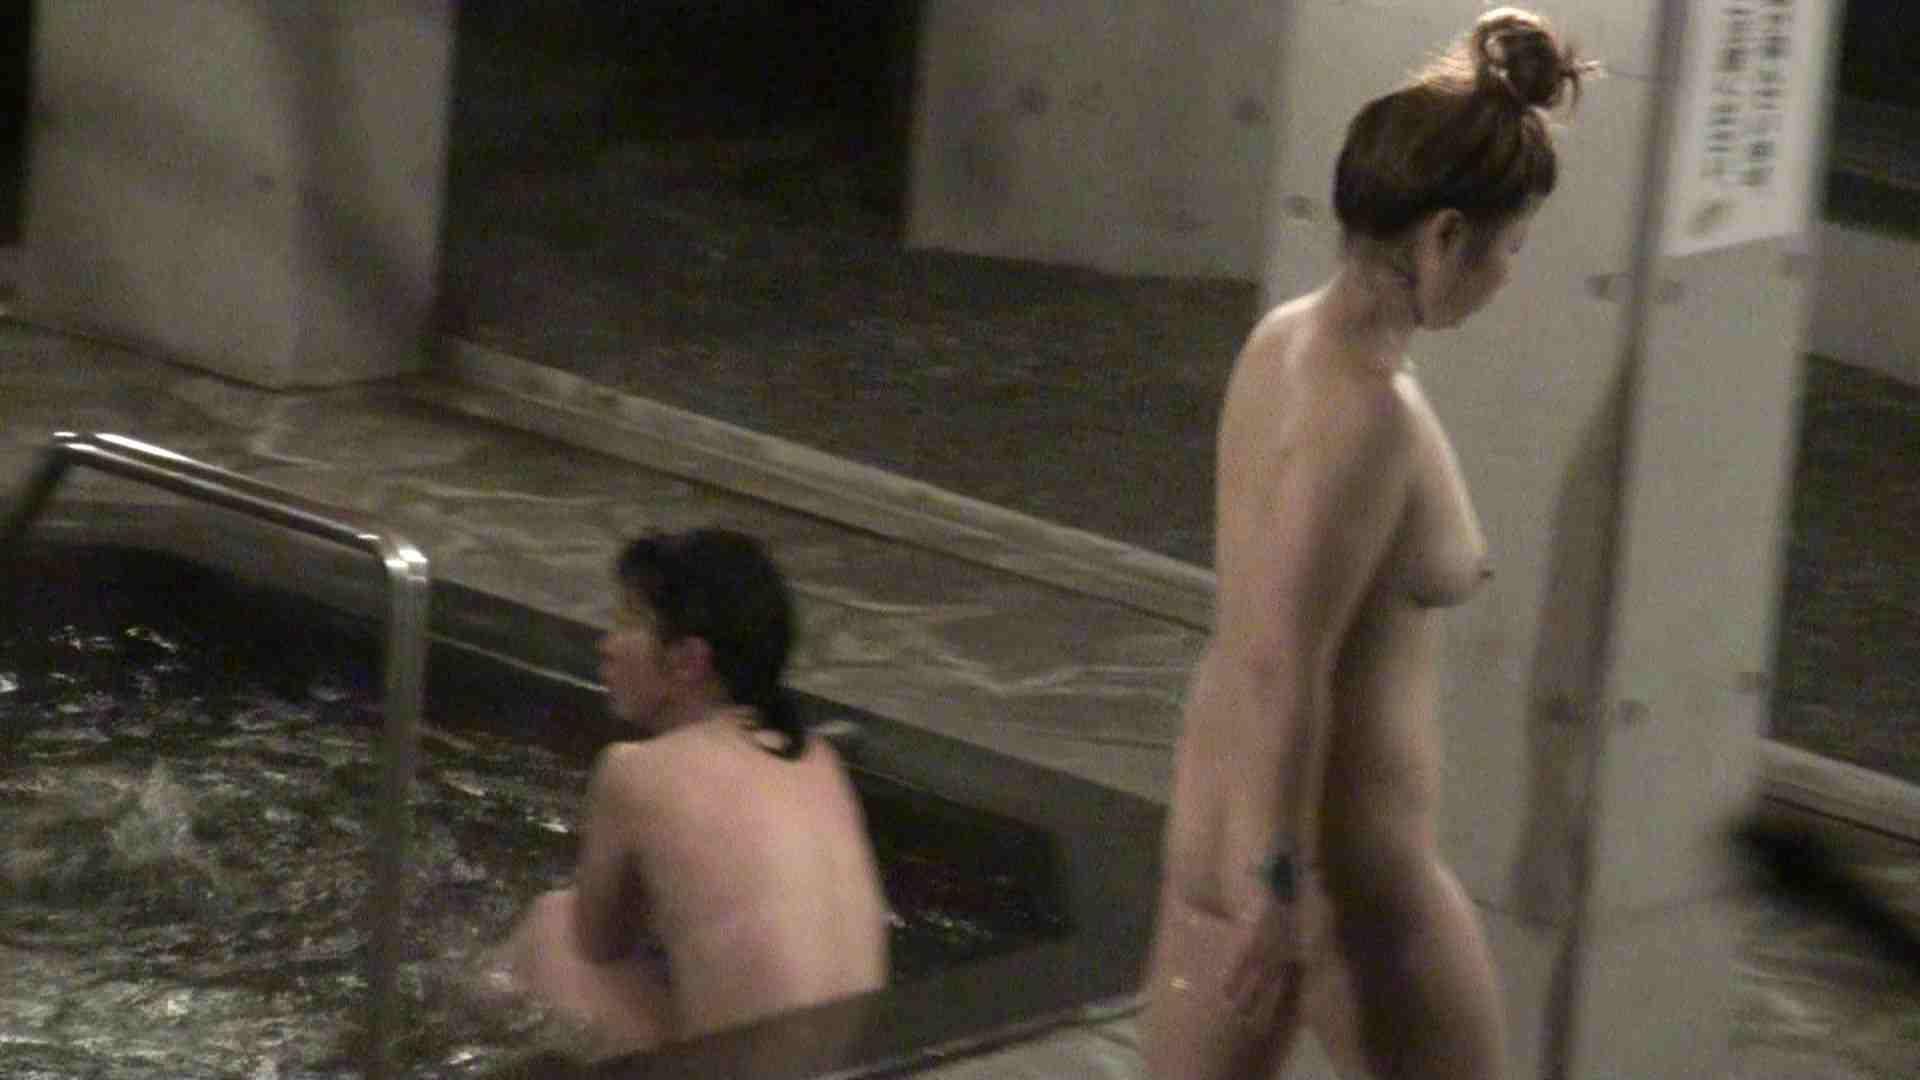 Aquaな露天風呂Vol.377 人気シリーズ アダルト動画キャプチャ 111PIX 21